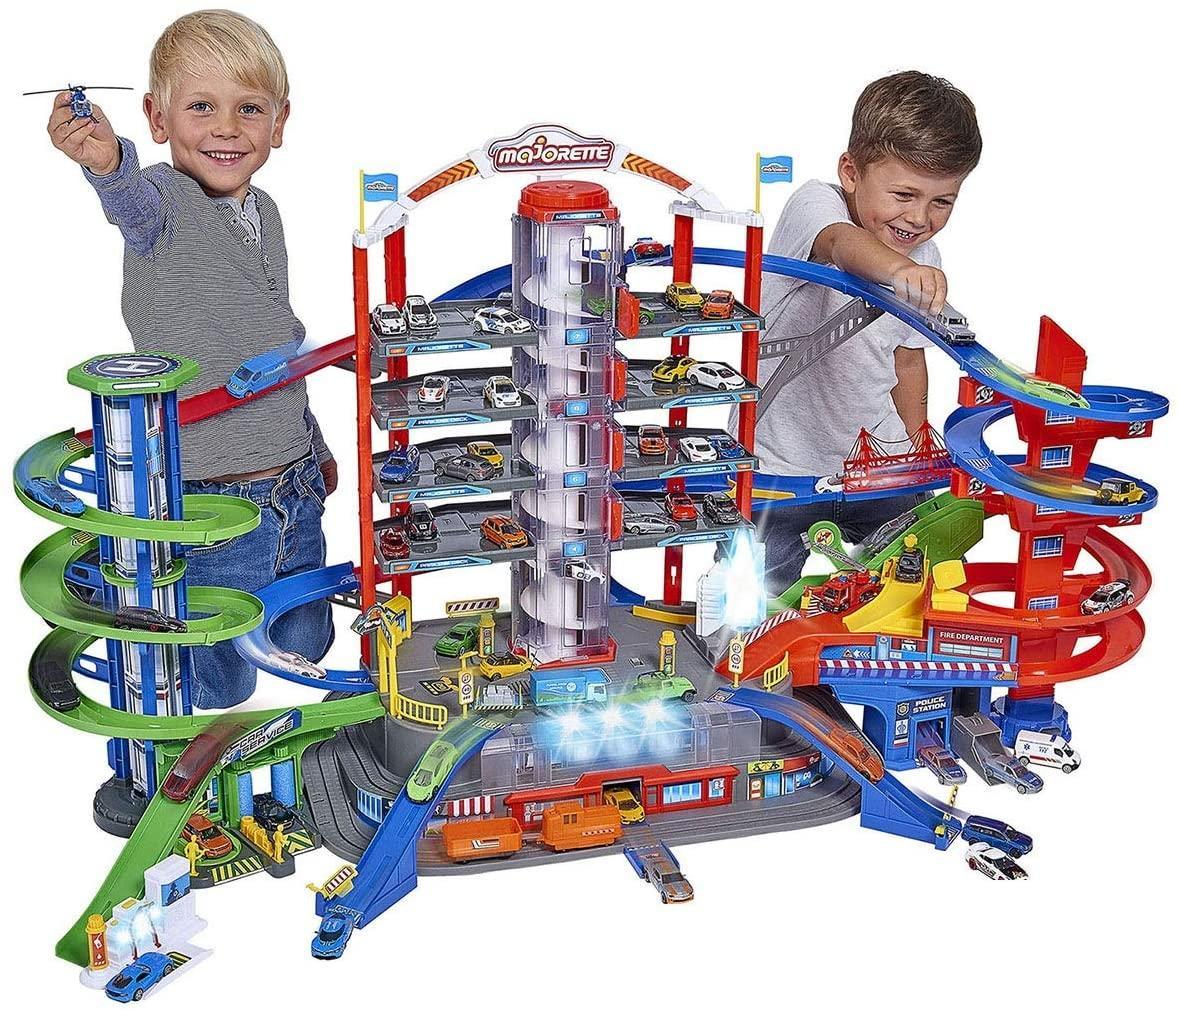 Мега гараж Majorette 2059989 Супер Город 7 уровней 6 металлических машинок